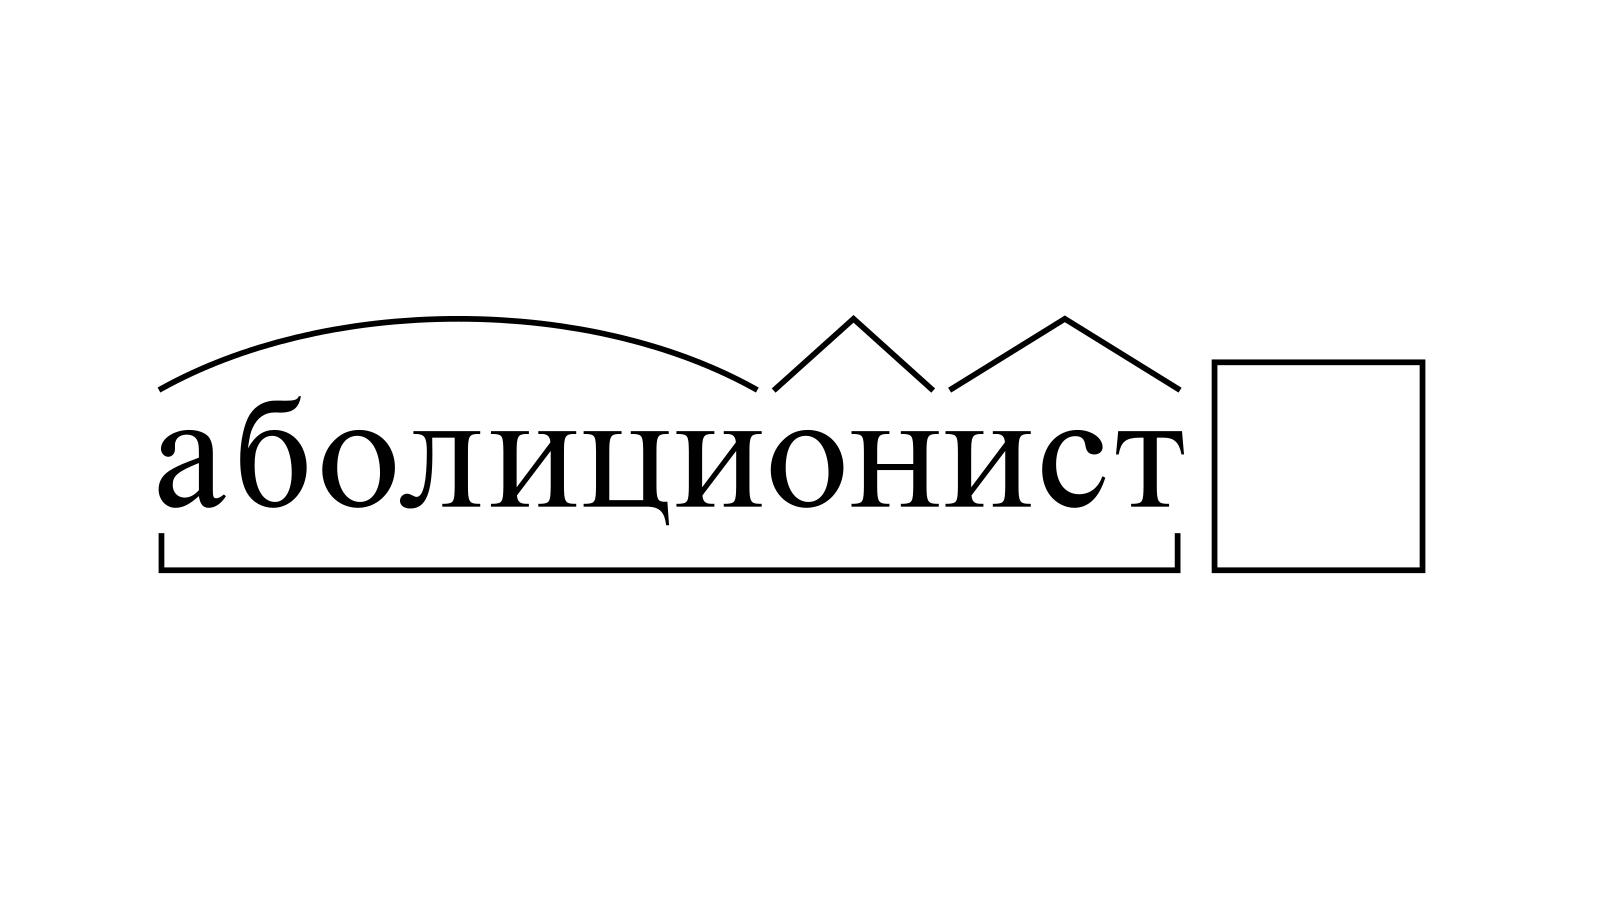 Разбор слова «аболиционист» по составу